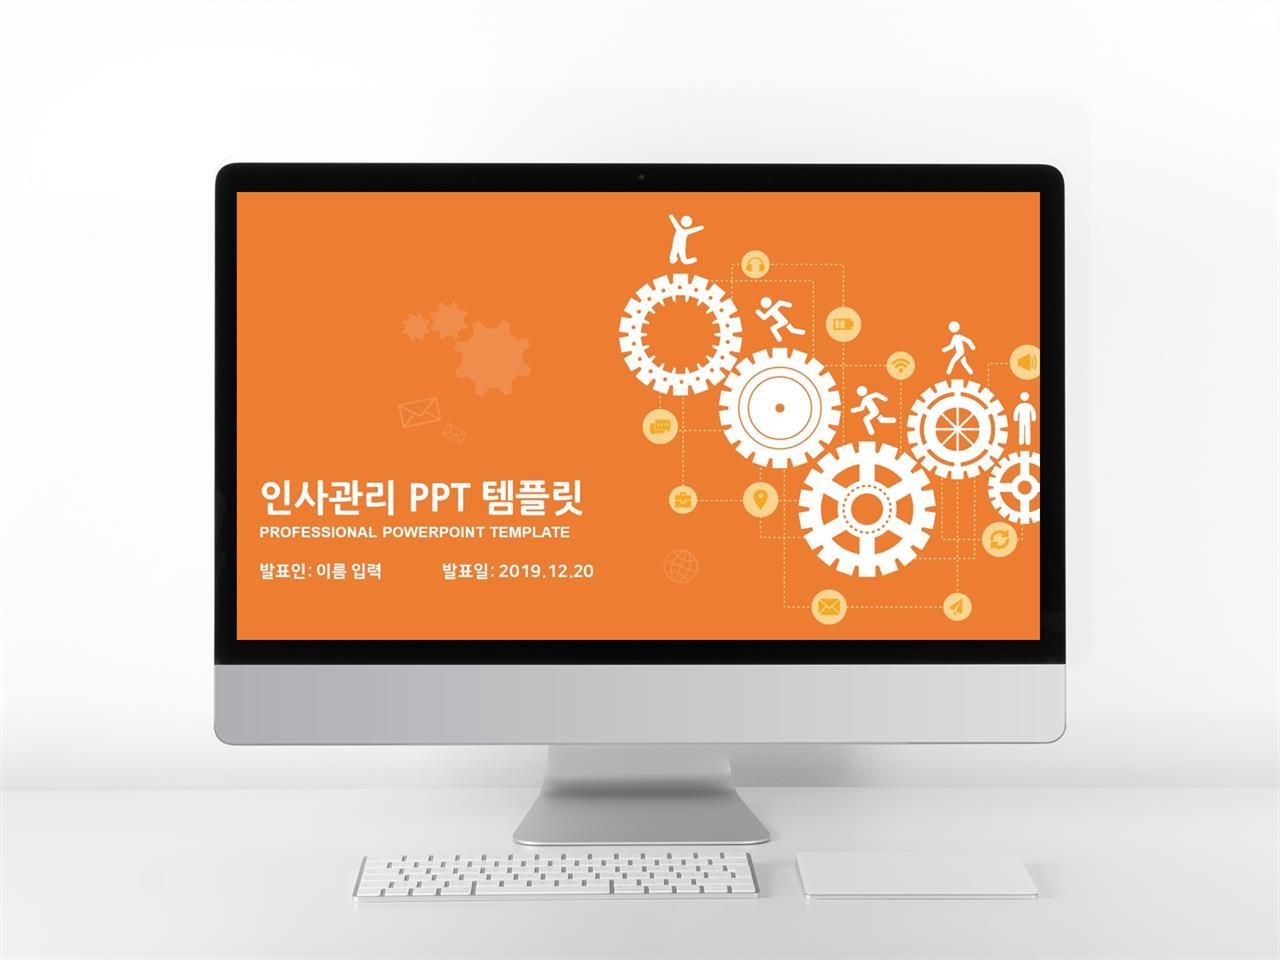 상업계획 울금색 인포그래픽 프로급 피피티템플릿 사이트 미리보기